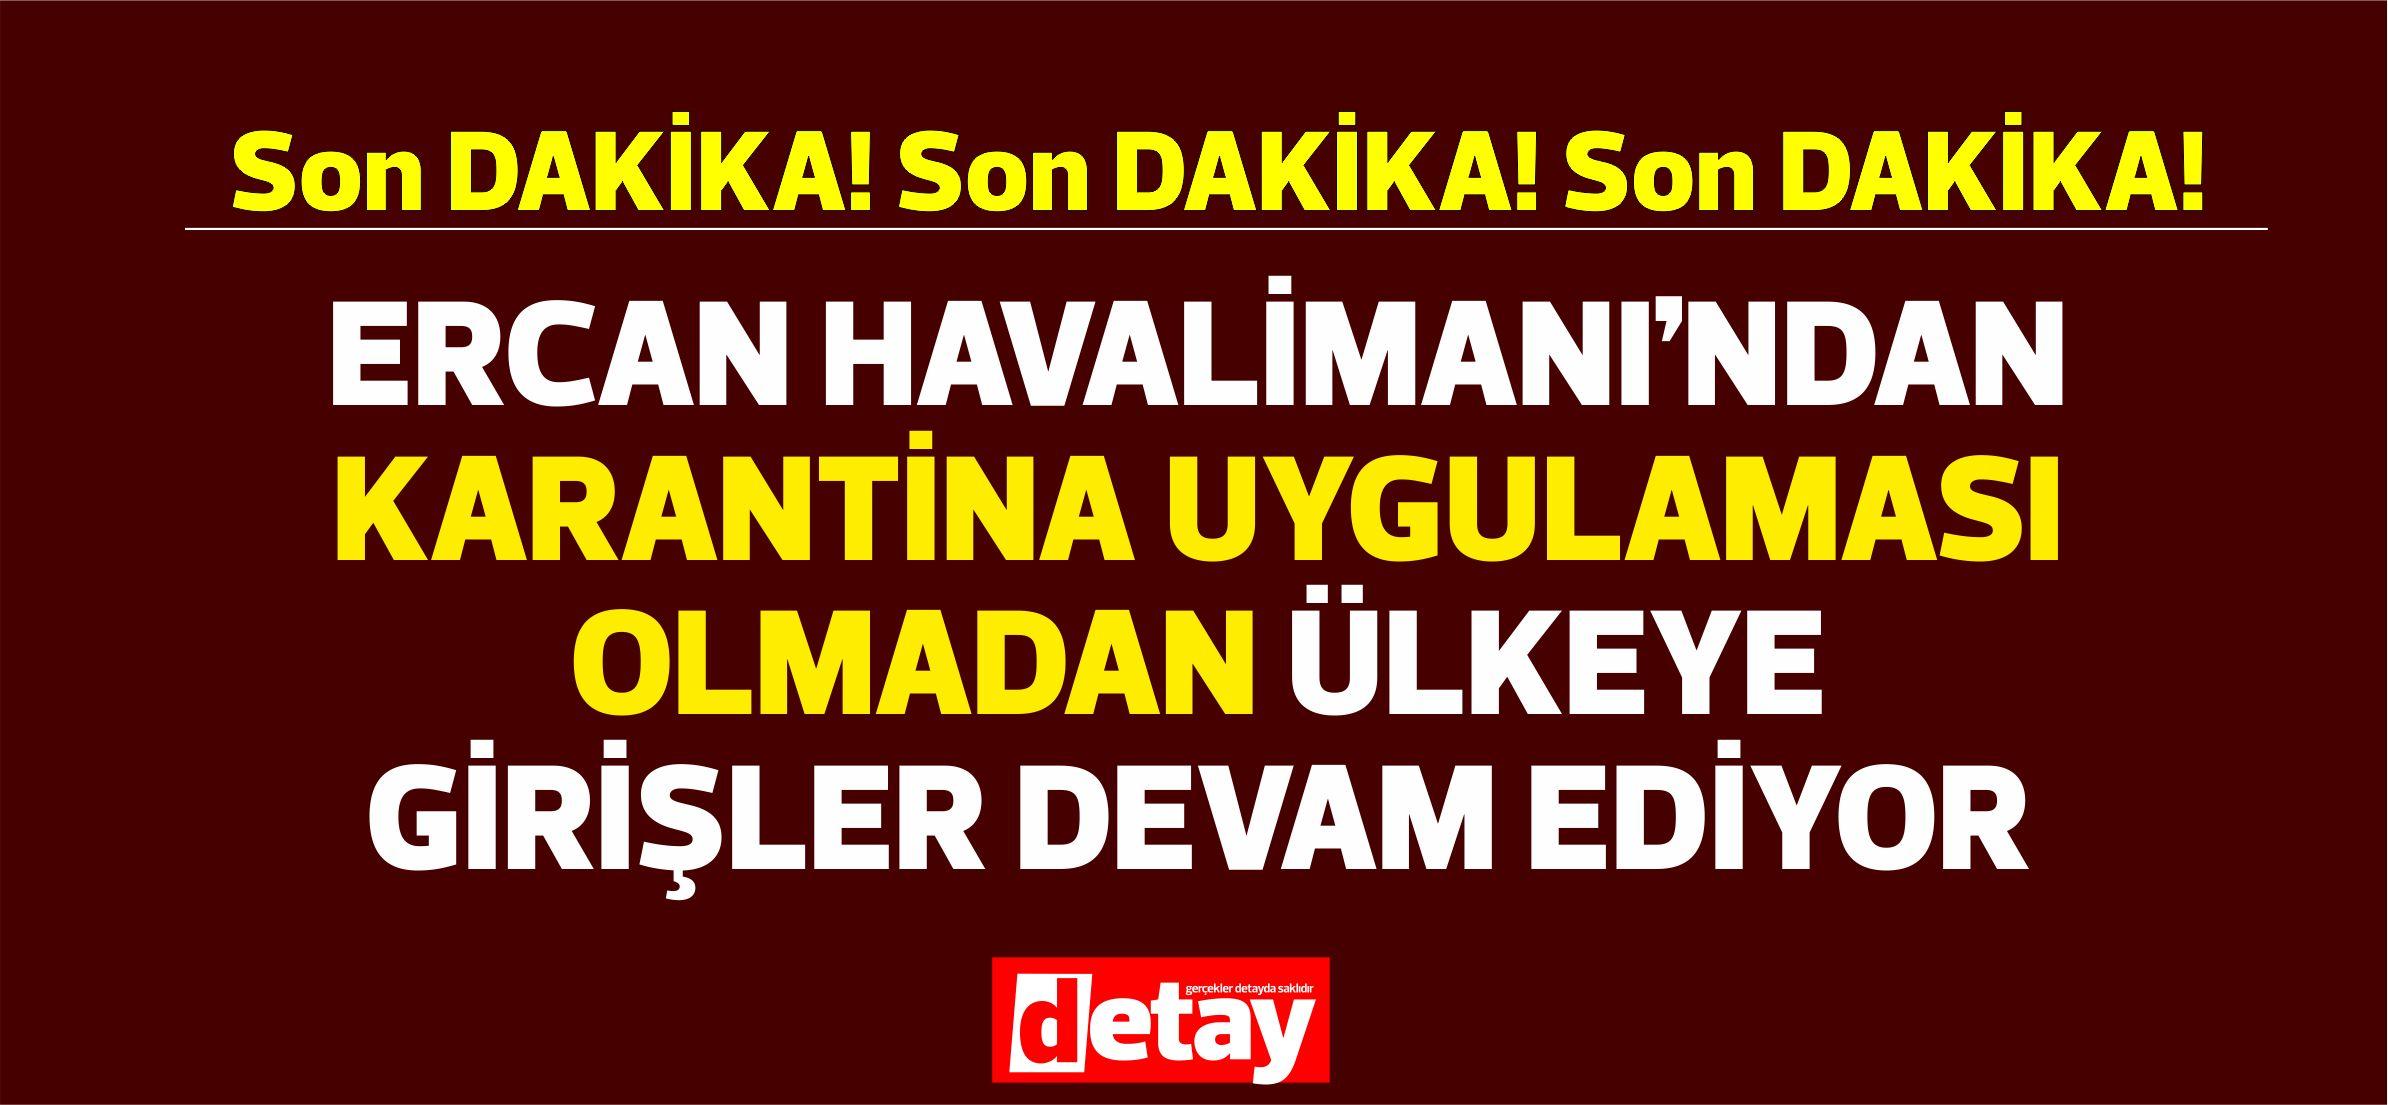 Son Dakika: Ercan Havalimanı'ndan karantina uygulaması olmadan ülkeye girişler devam ediyor